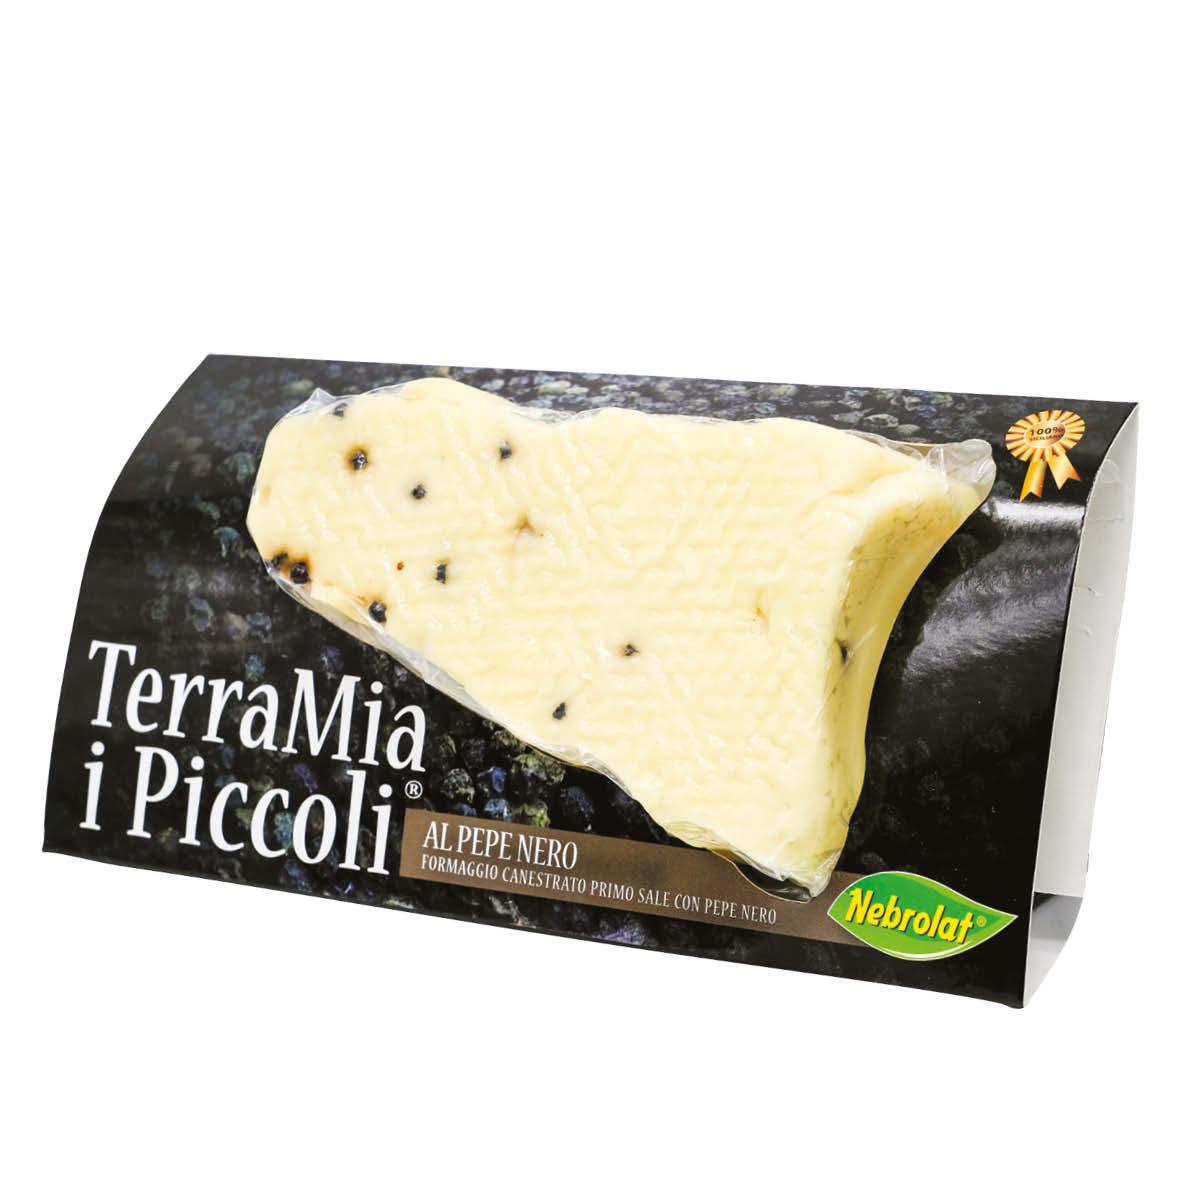 I Piccoli TerraMia® al pepe nero